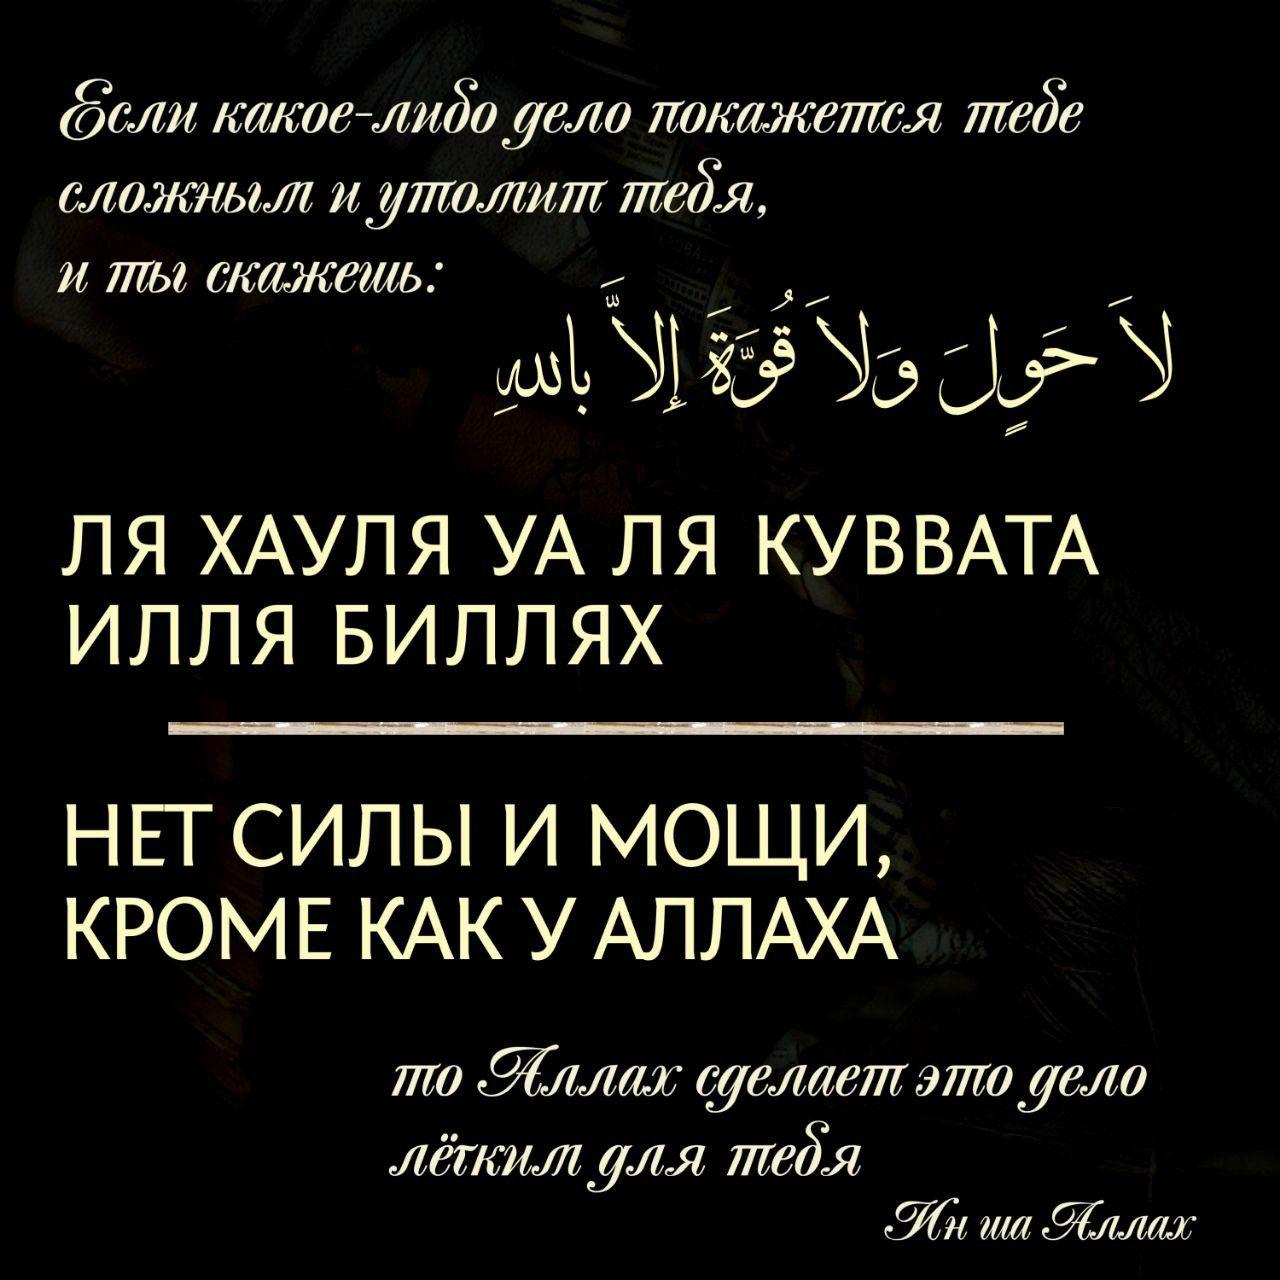 Pin Ot Polzovatelya Kheda Na Doske Askary Chitat Posle Utrennego Namaza I Posle Vechernego Namaza Musulmanskie Citaty Religiya Islam